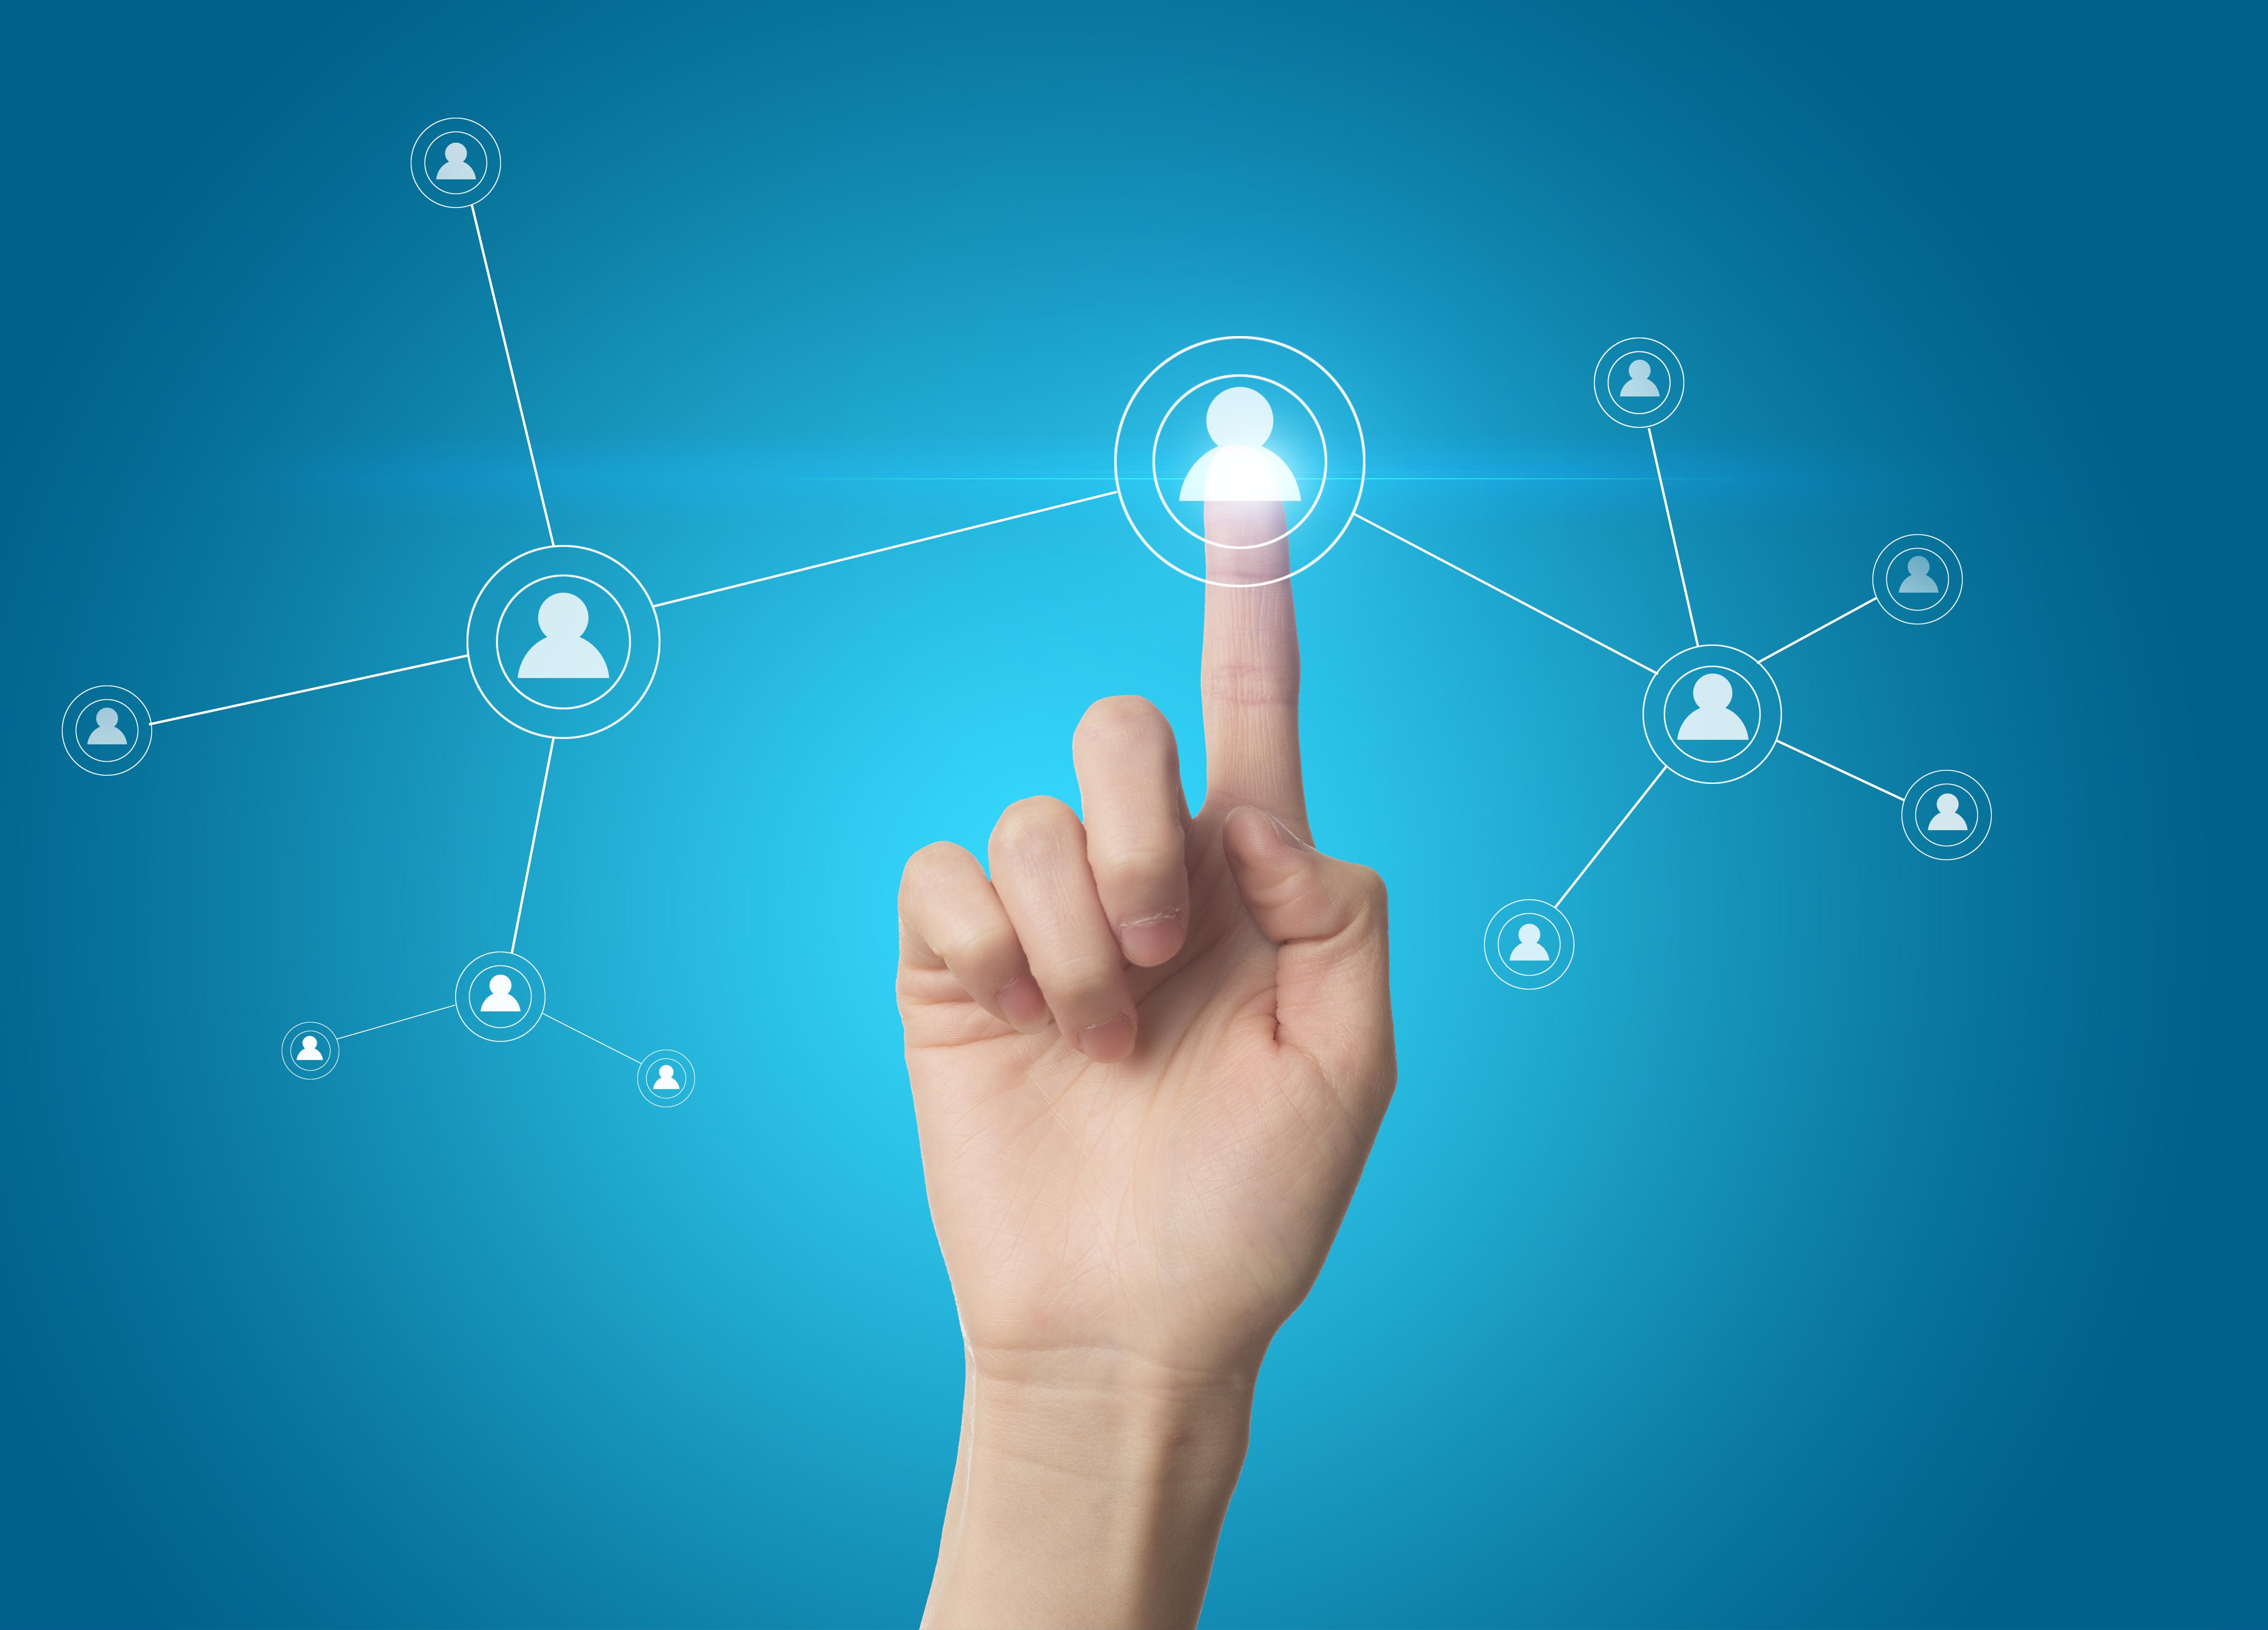 移动互联网时代的HR怎么做?大咖们这样说